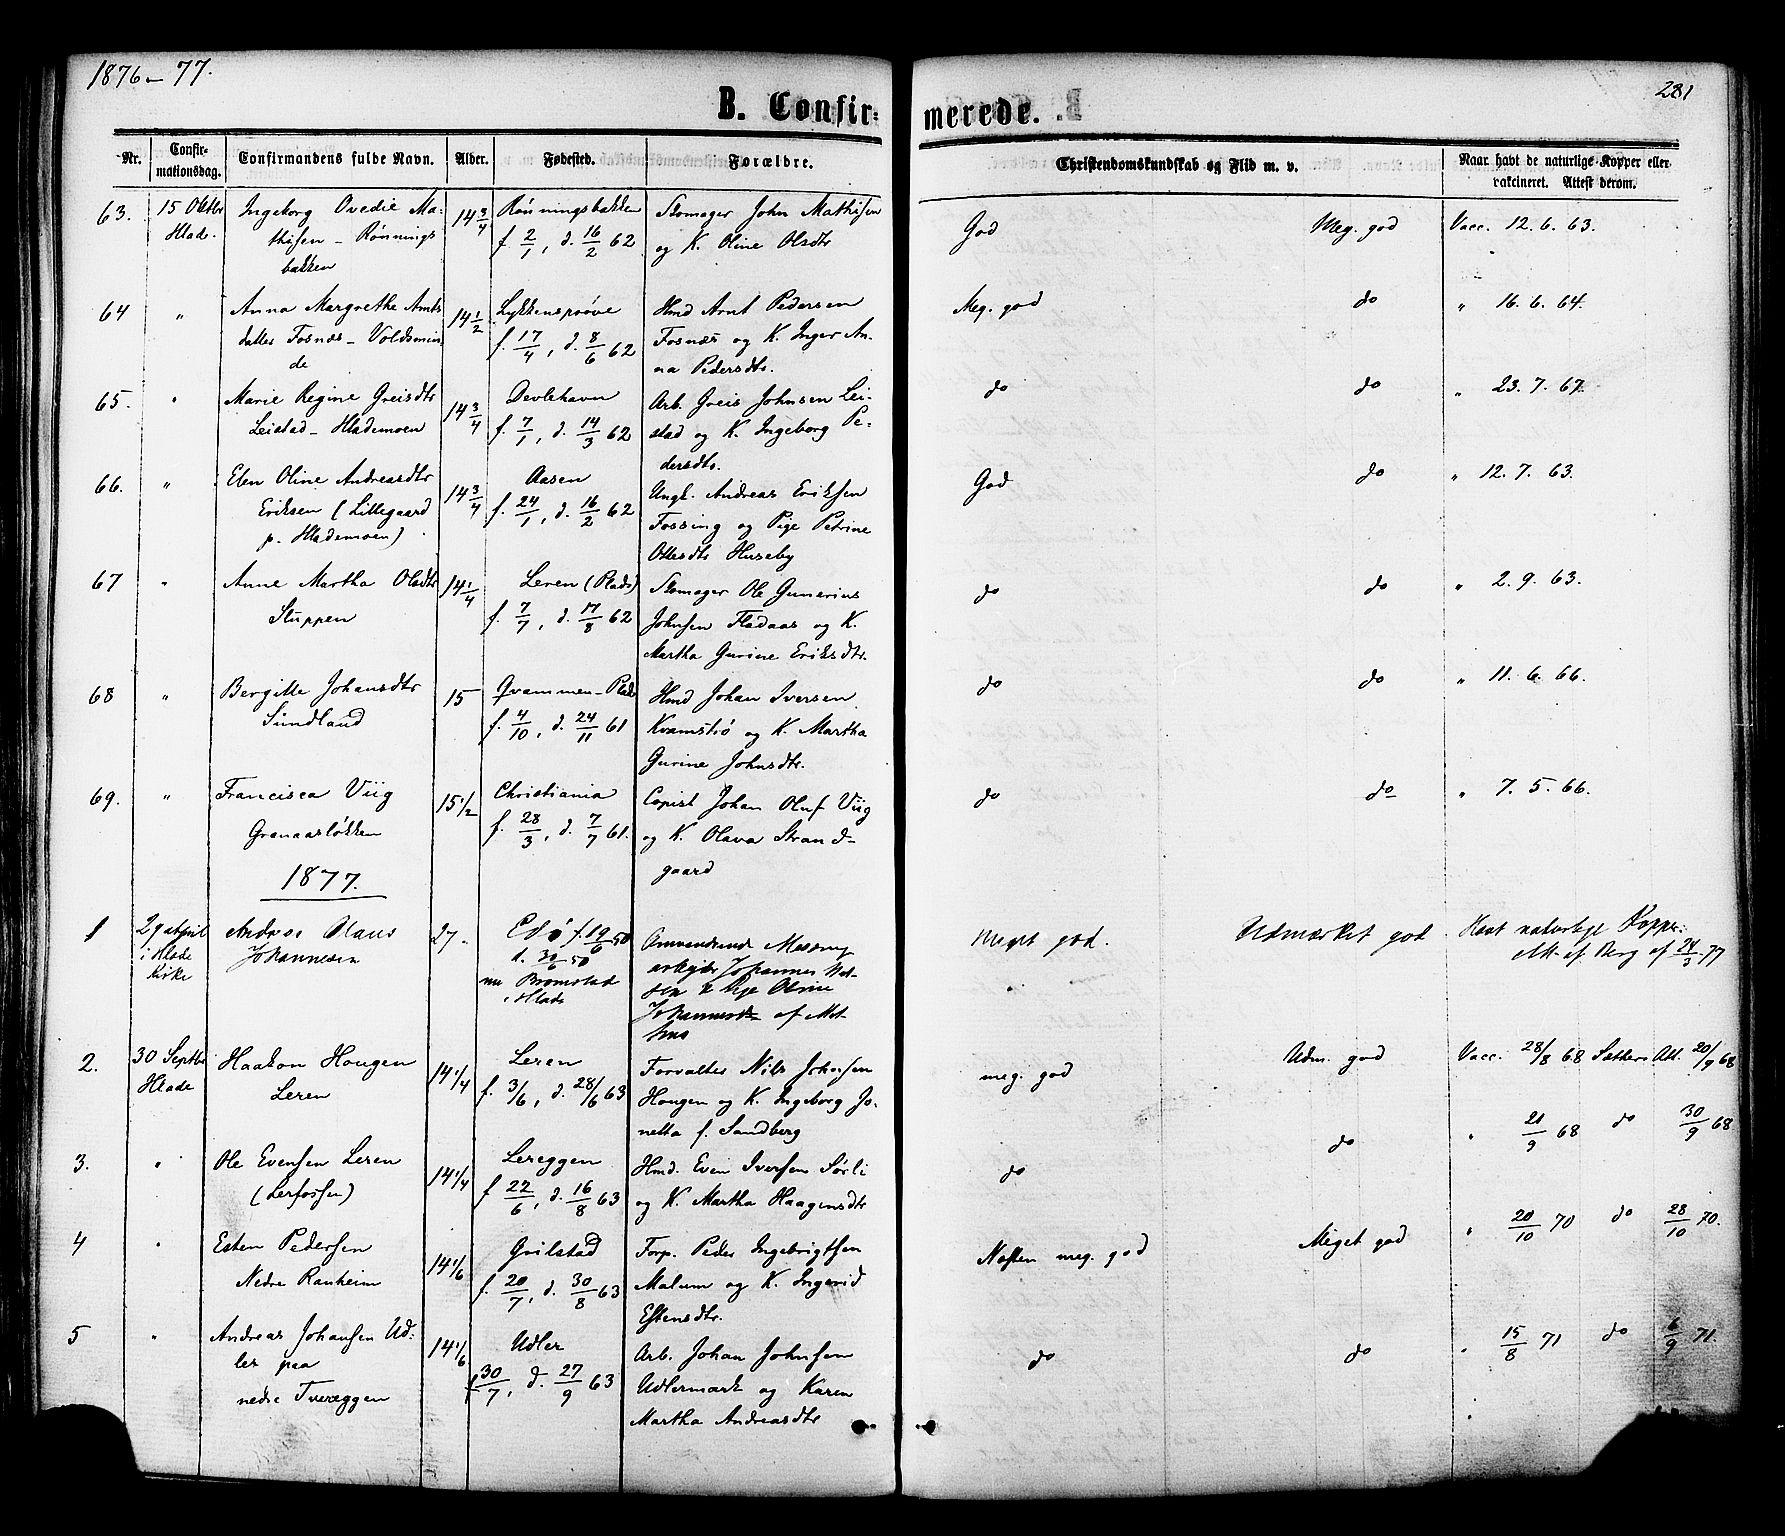 SAT, Ministerialprotokoller, klokkerbøker og fødselsregistre - Sør-Trøndelag, 606/L0293: Ministerialbok nr. 606A08, 1866-1877, s. 281